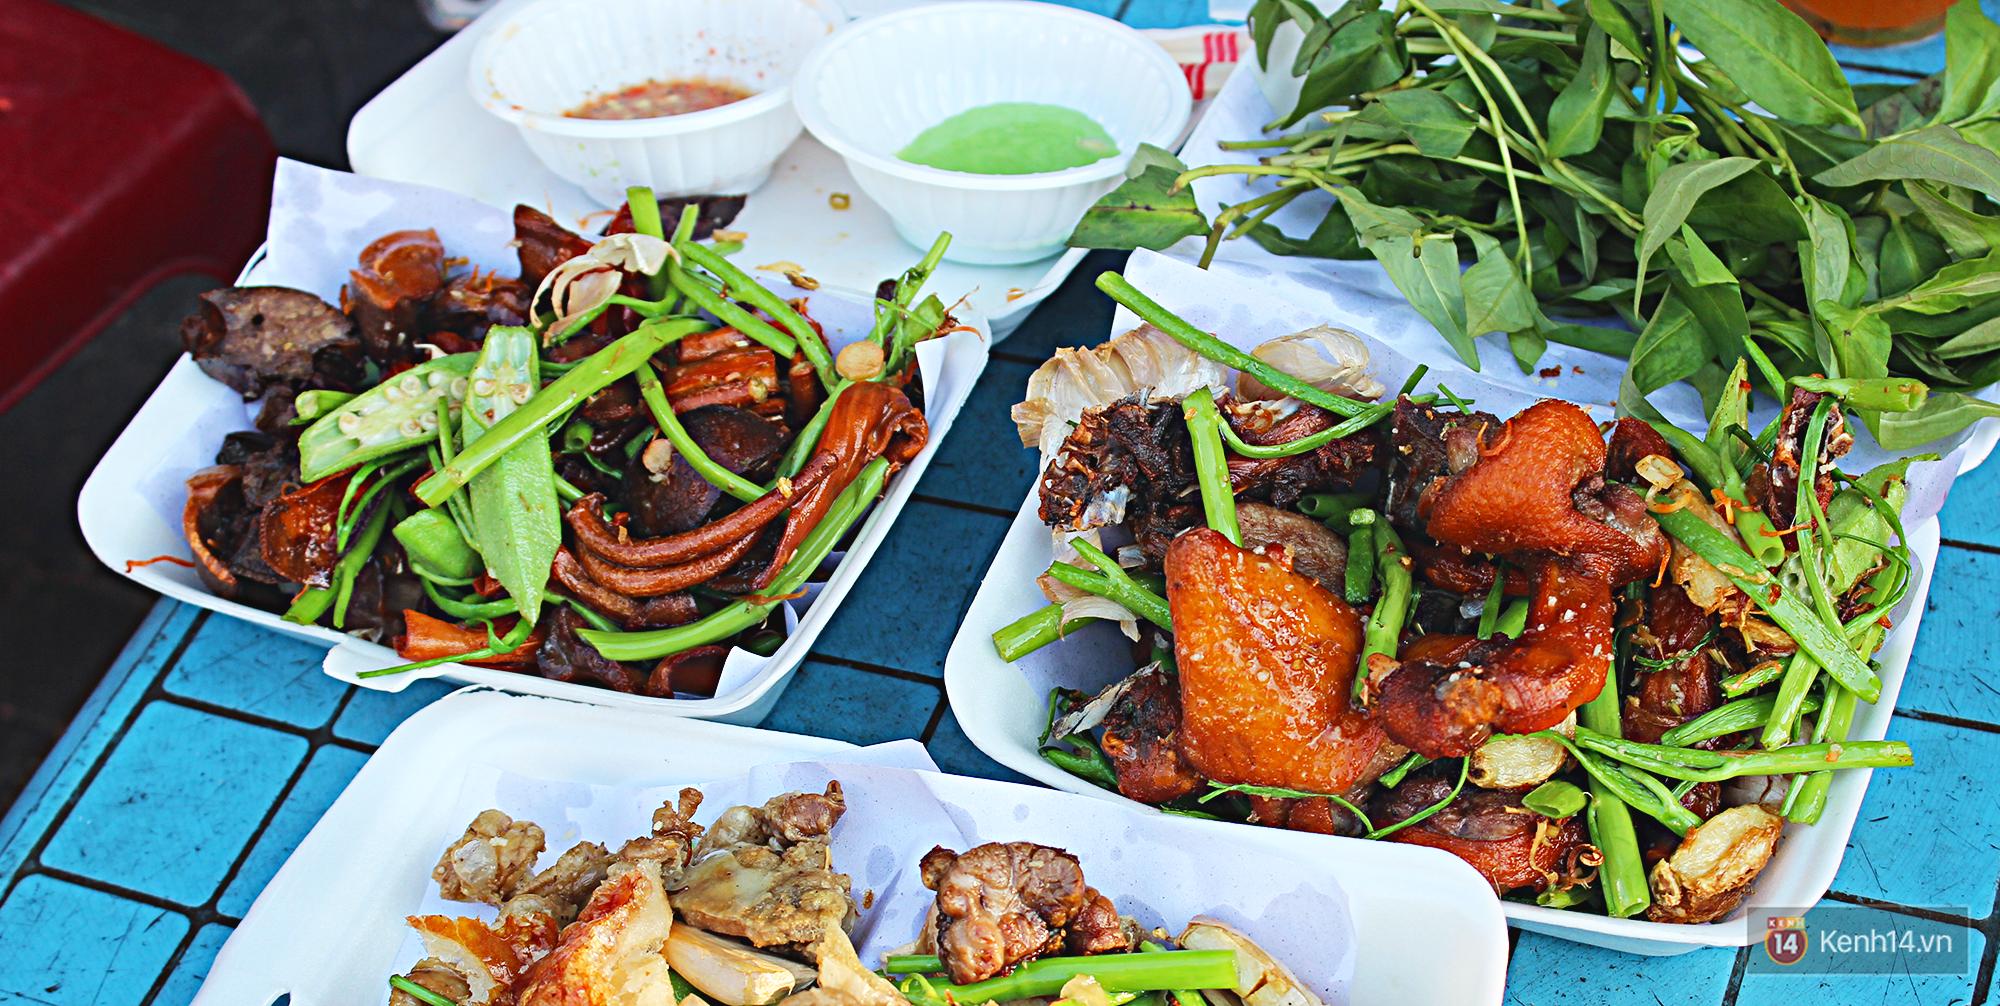 Vịt chiên sả ớt siêu hấp dẫn ở Sài Gòn: chỉ 20k đã có hộp đầy ắp - Ảnh 10.